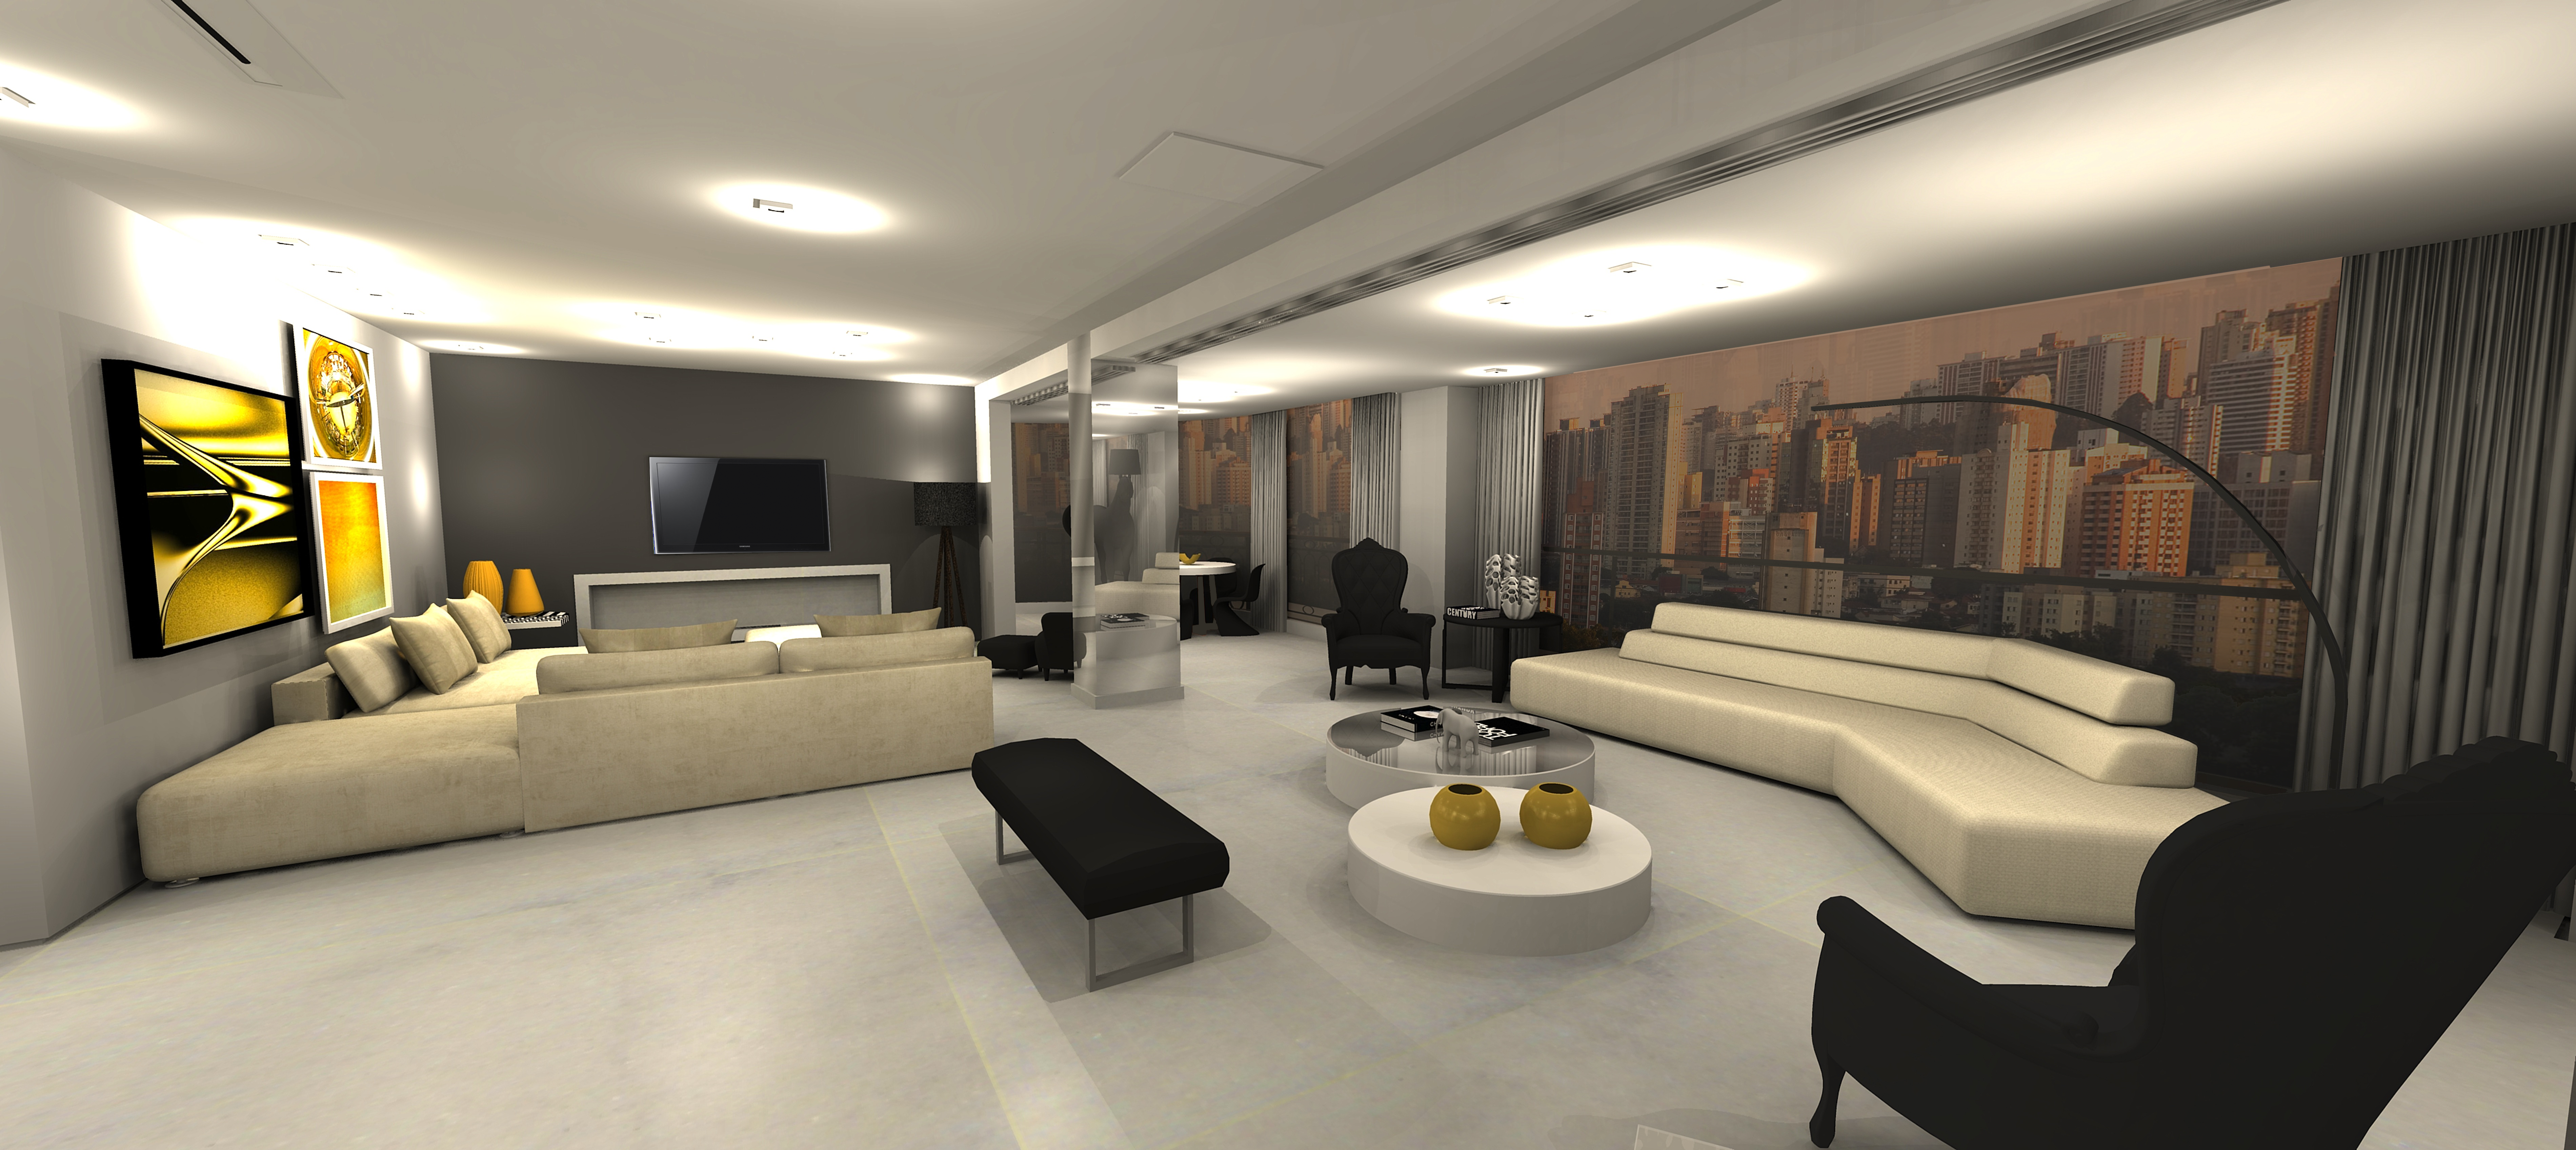 decoracao de sala luxo:acabamentos importados para a automação da tv equipamentos de som